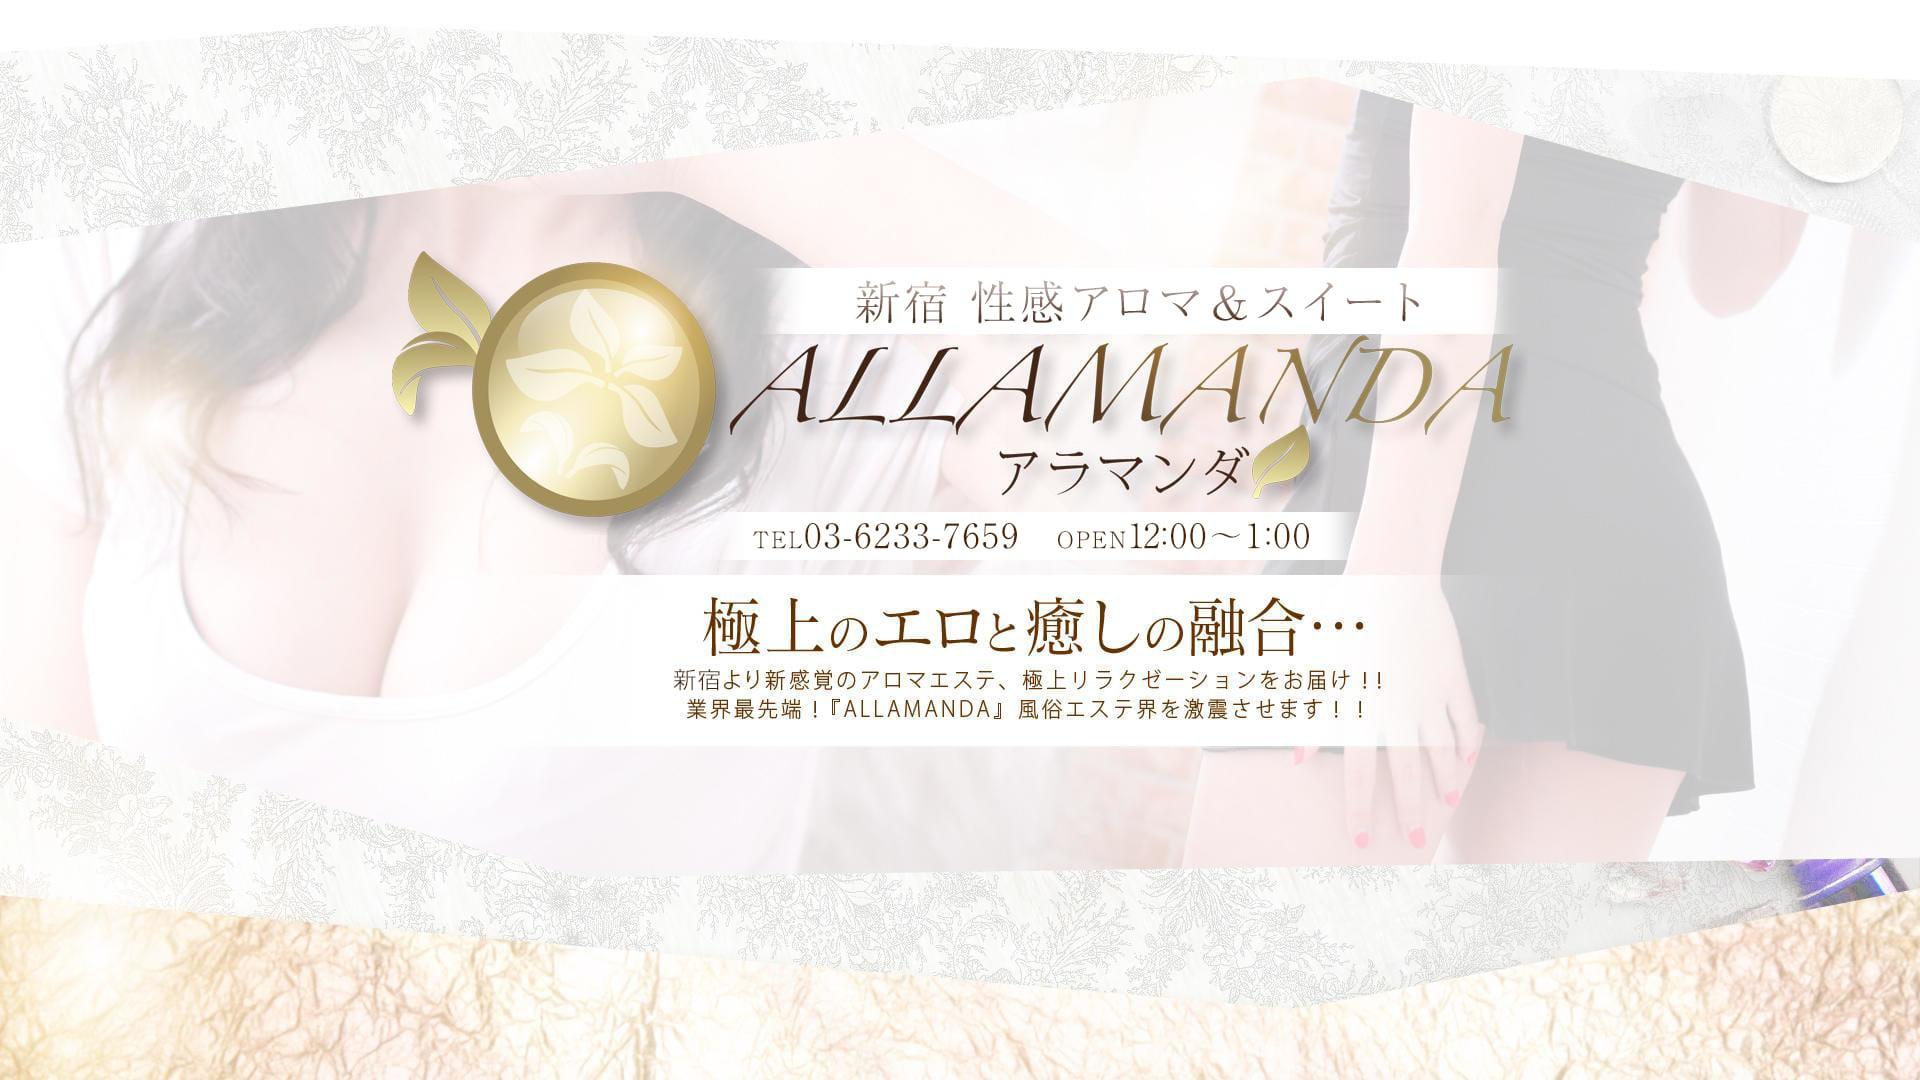 新宿性感アロマ&スイート ALLAMANDA -アラマンダ-